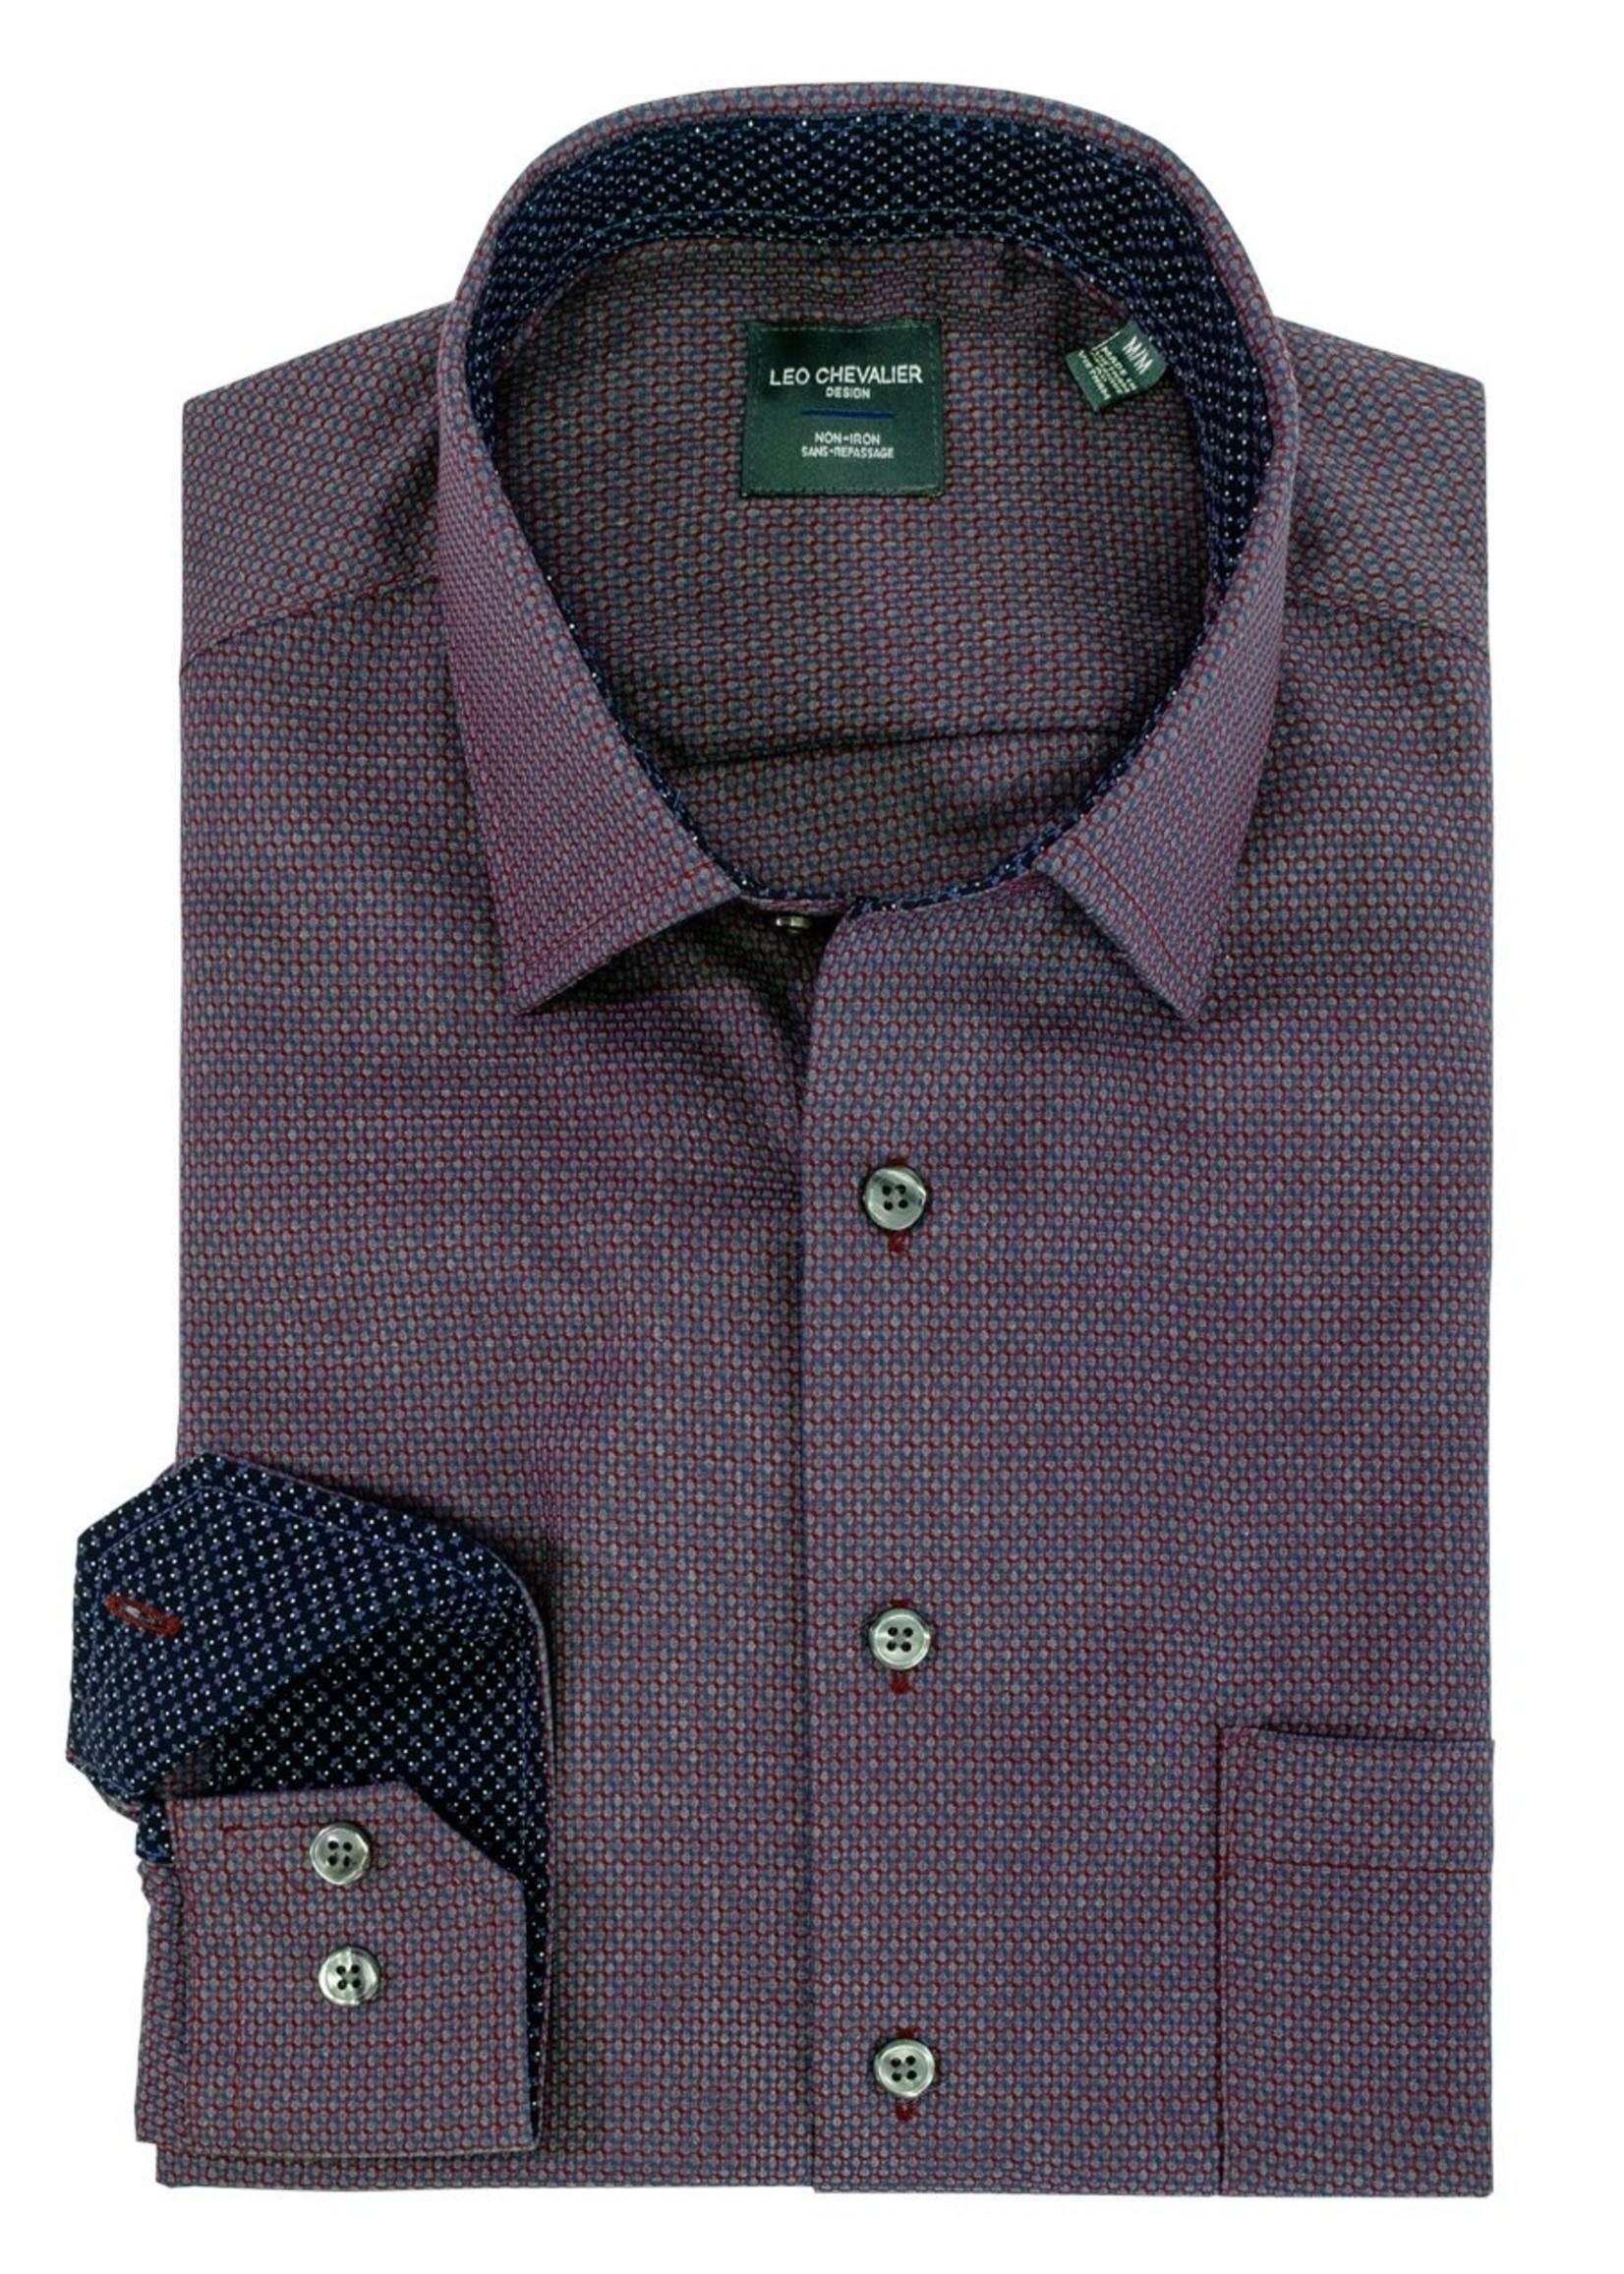 Leo Chevalier 525469 Leo Chevalier Shirt